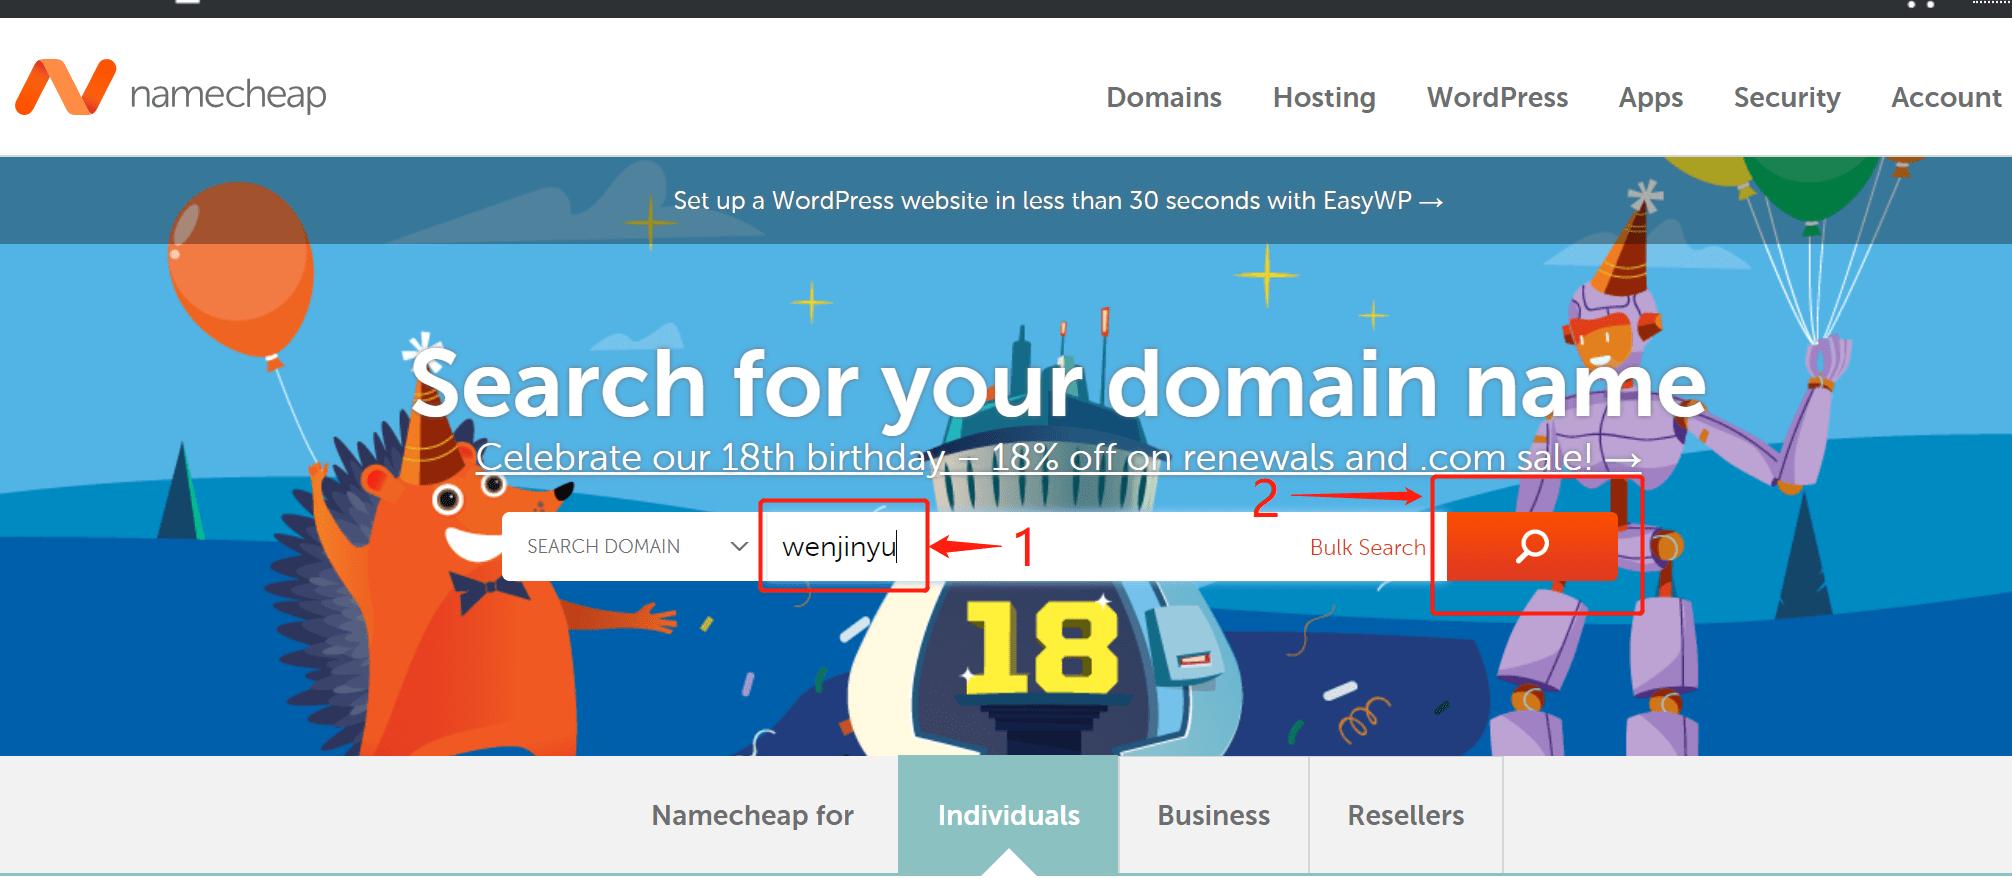 namecheap搜索域名.png